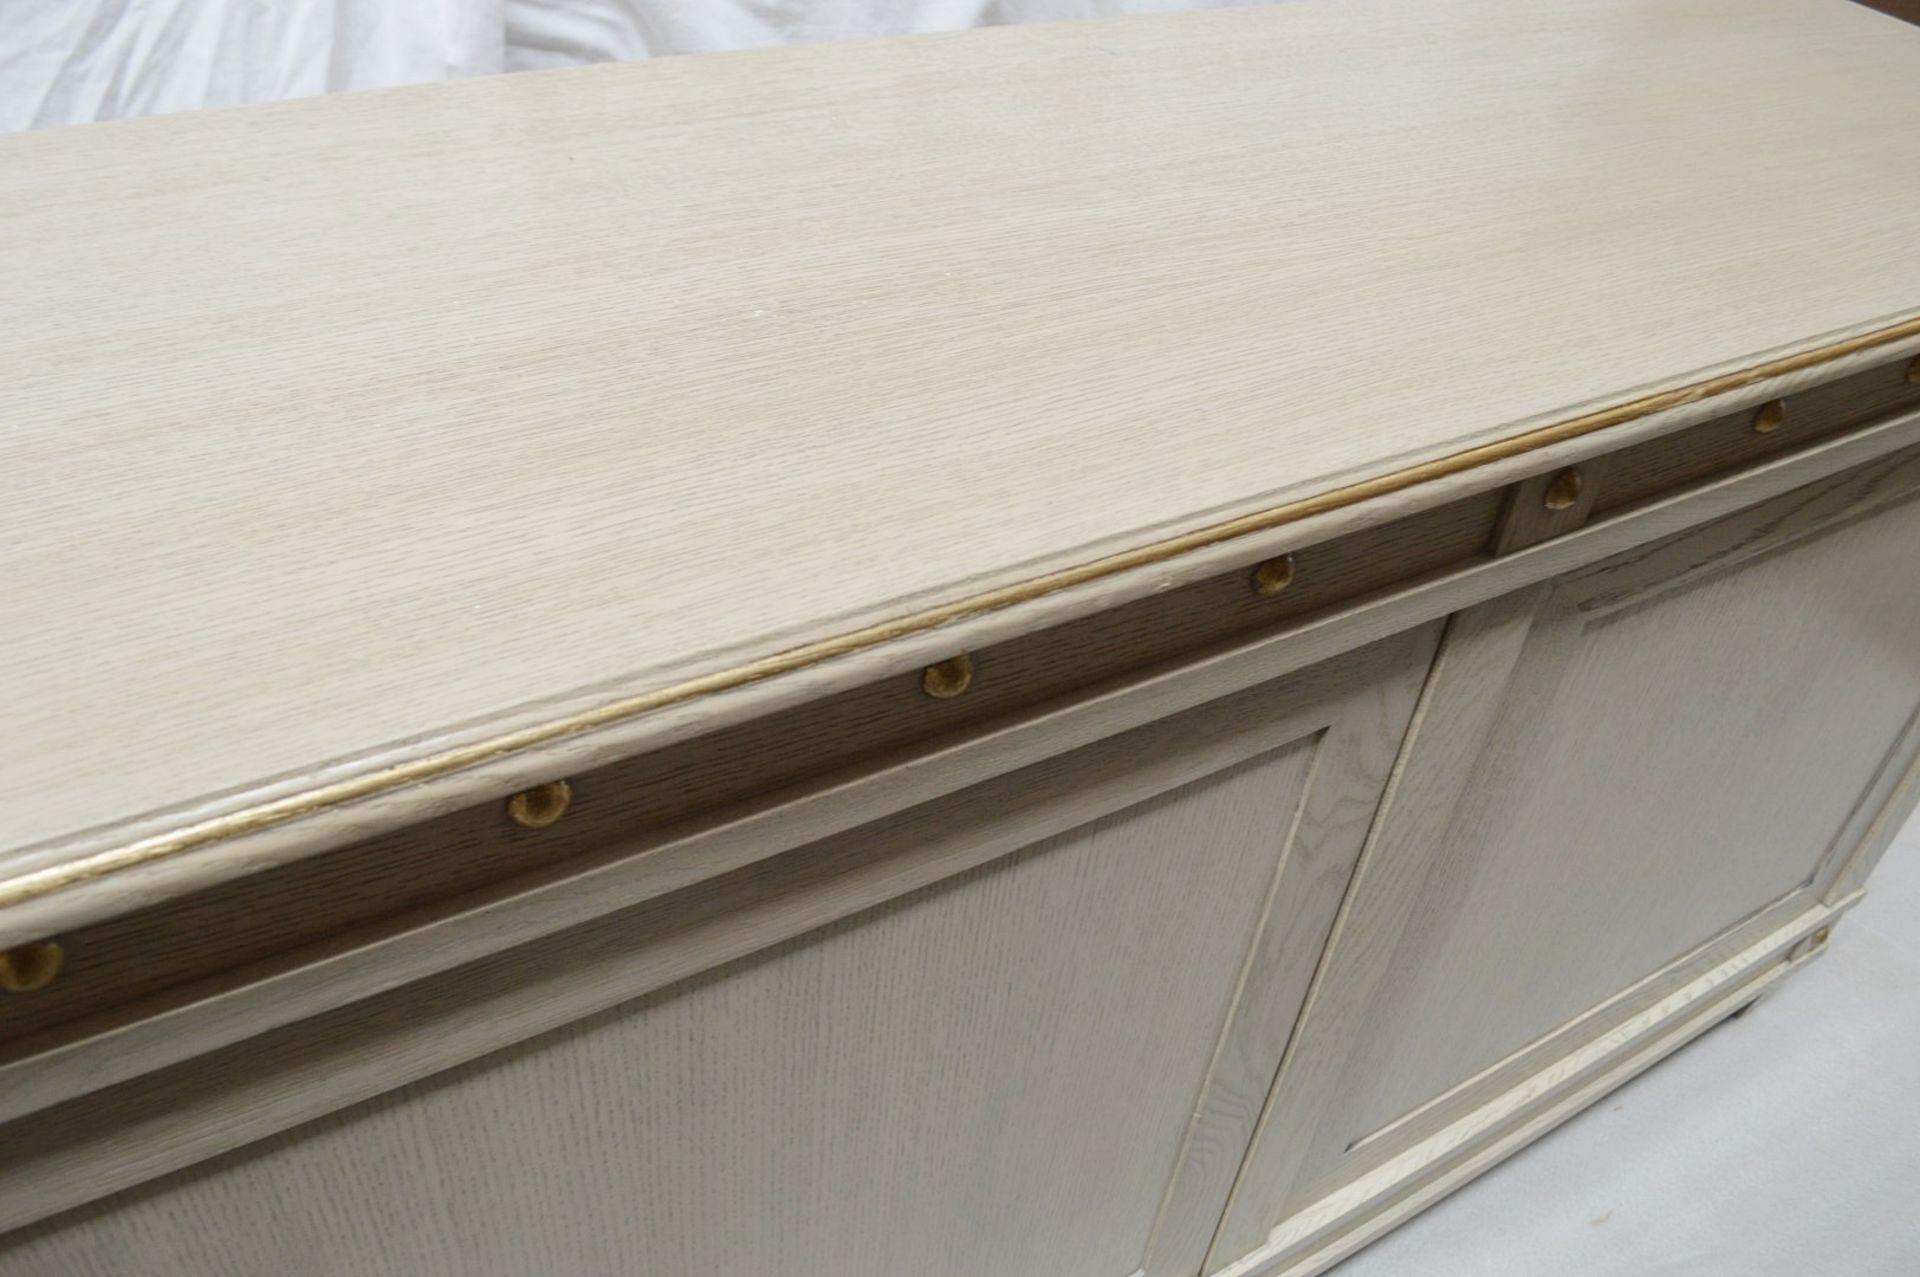 1 x JUSTIN VAN BREDA 'Monty' DesignerRegency-inspired3-Door Sideboard - Original RRP £9,700 - Image 8 of 16